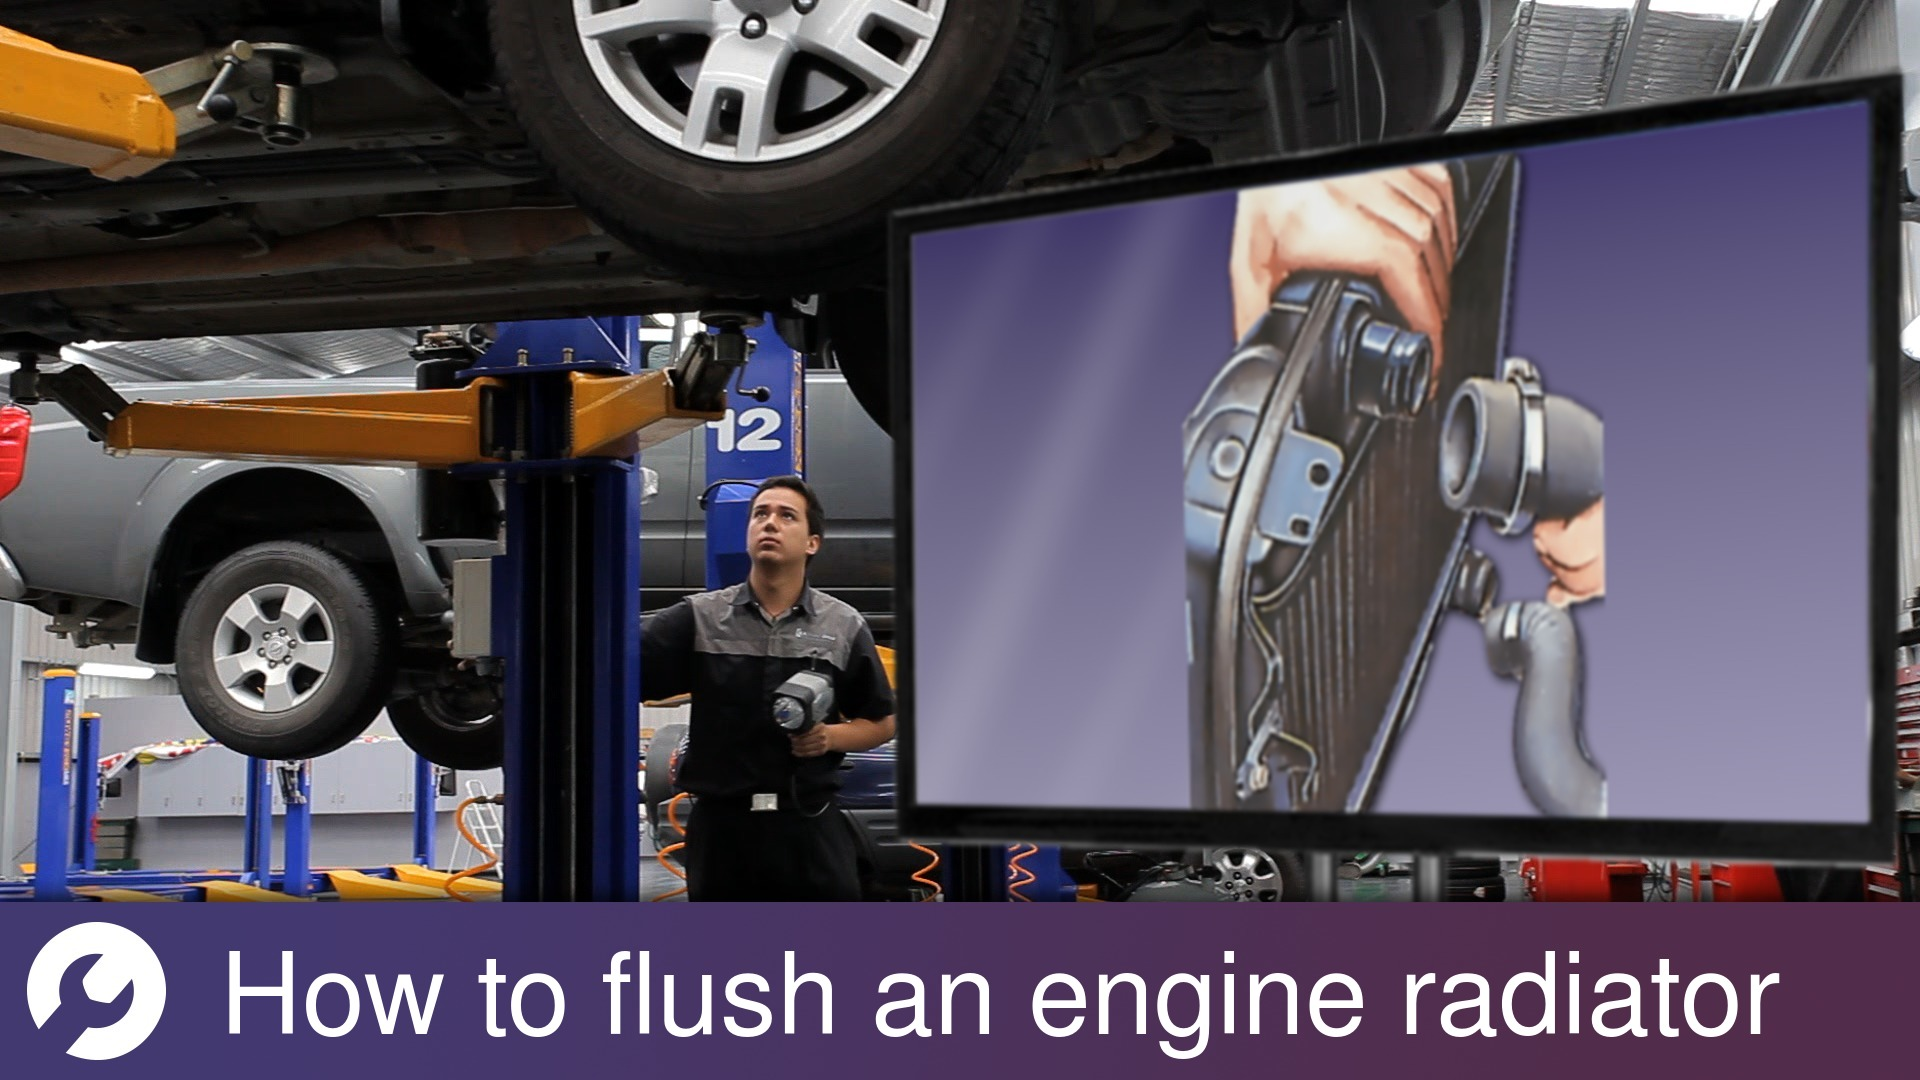 Comment vider un radiateur une voiture - Comment vider un chauffe eau electrique ...